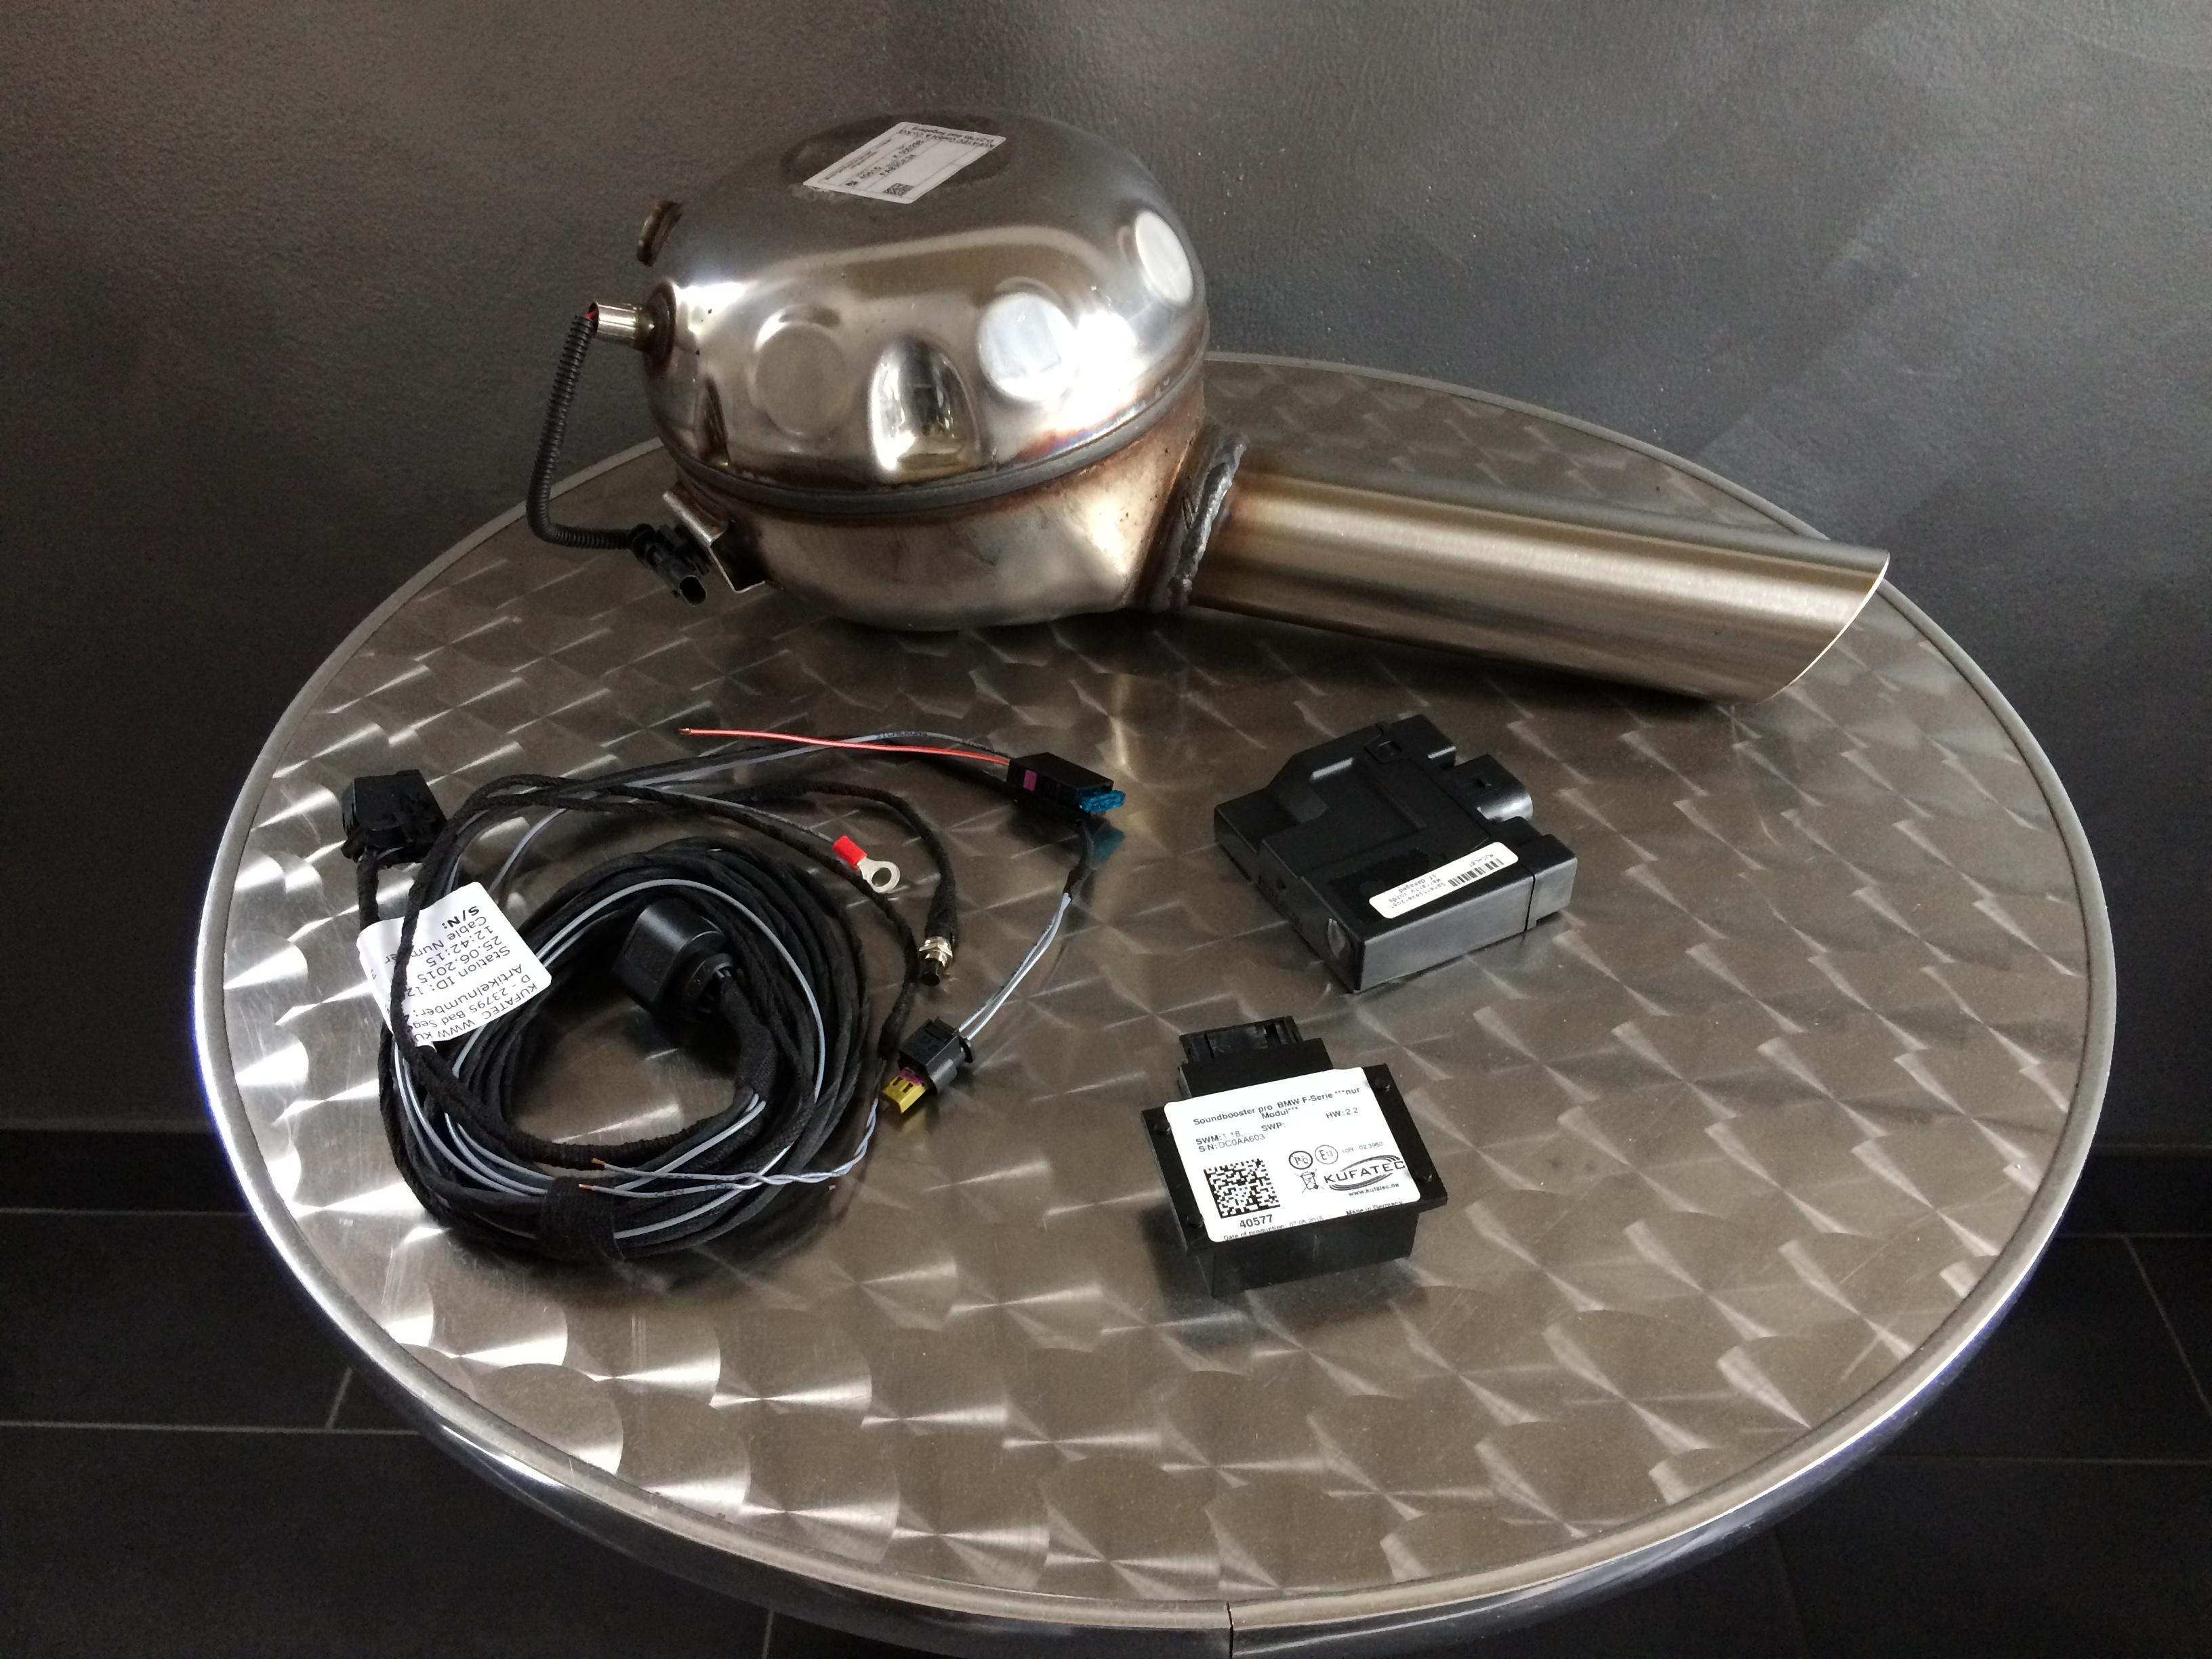 Sound Booster Pro - Motor Active Sound - Porsche Elektronik Modul für Werkseitige Auspuffanlage - inkl. 19% Mehrwertsteuer + Versand